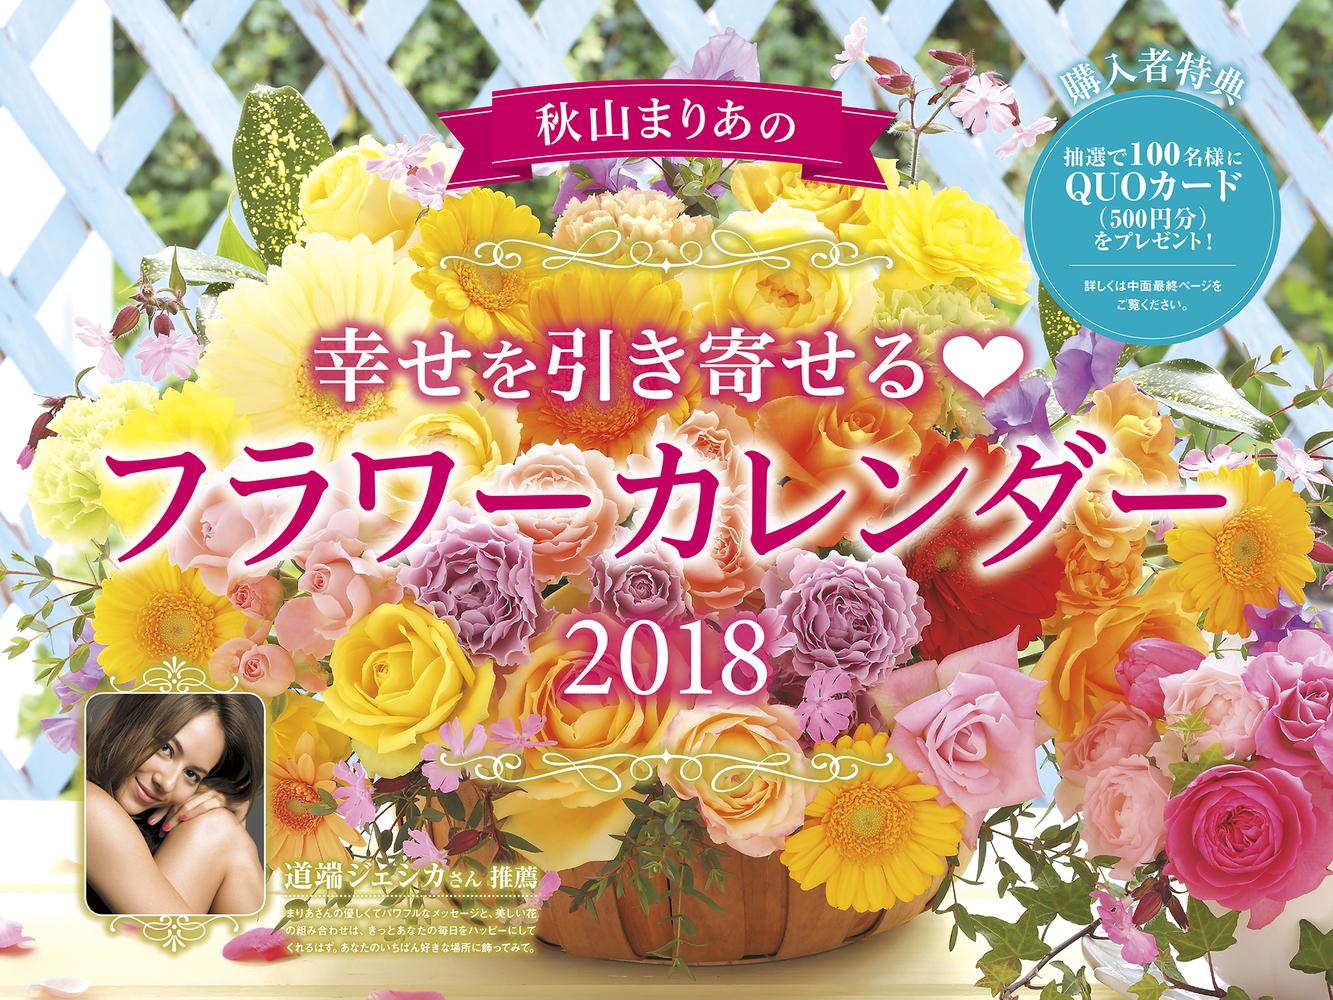 2018 秋山まりあの幸せを引き寄せる♡フラワーカレンダー